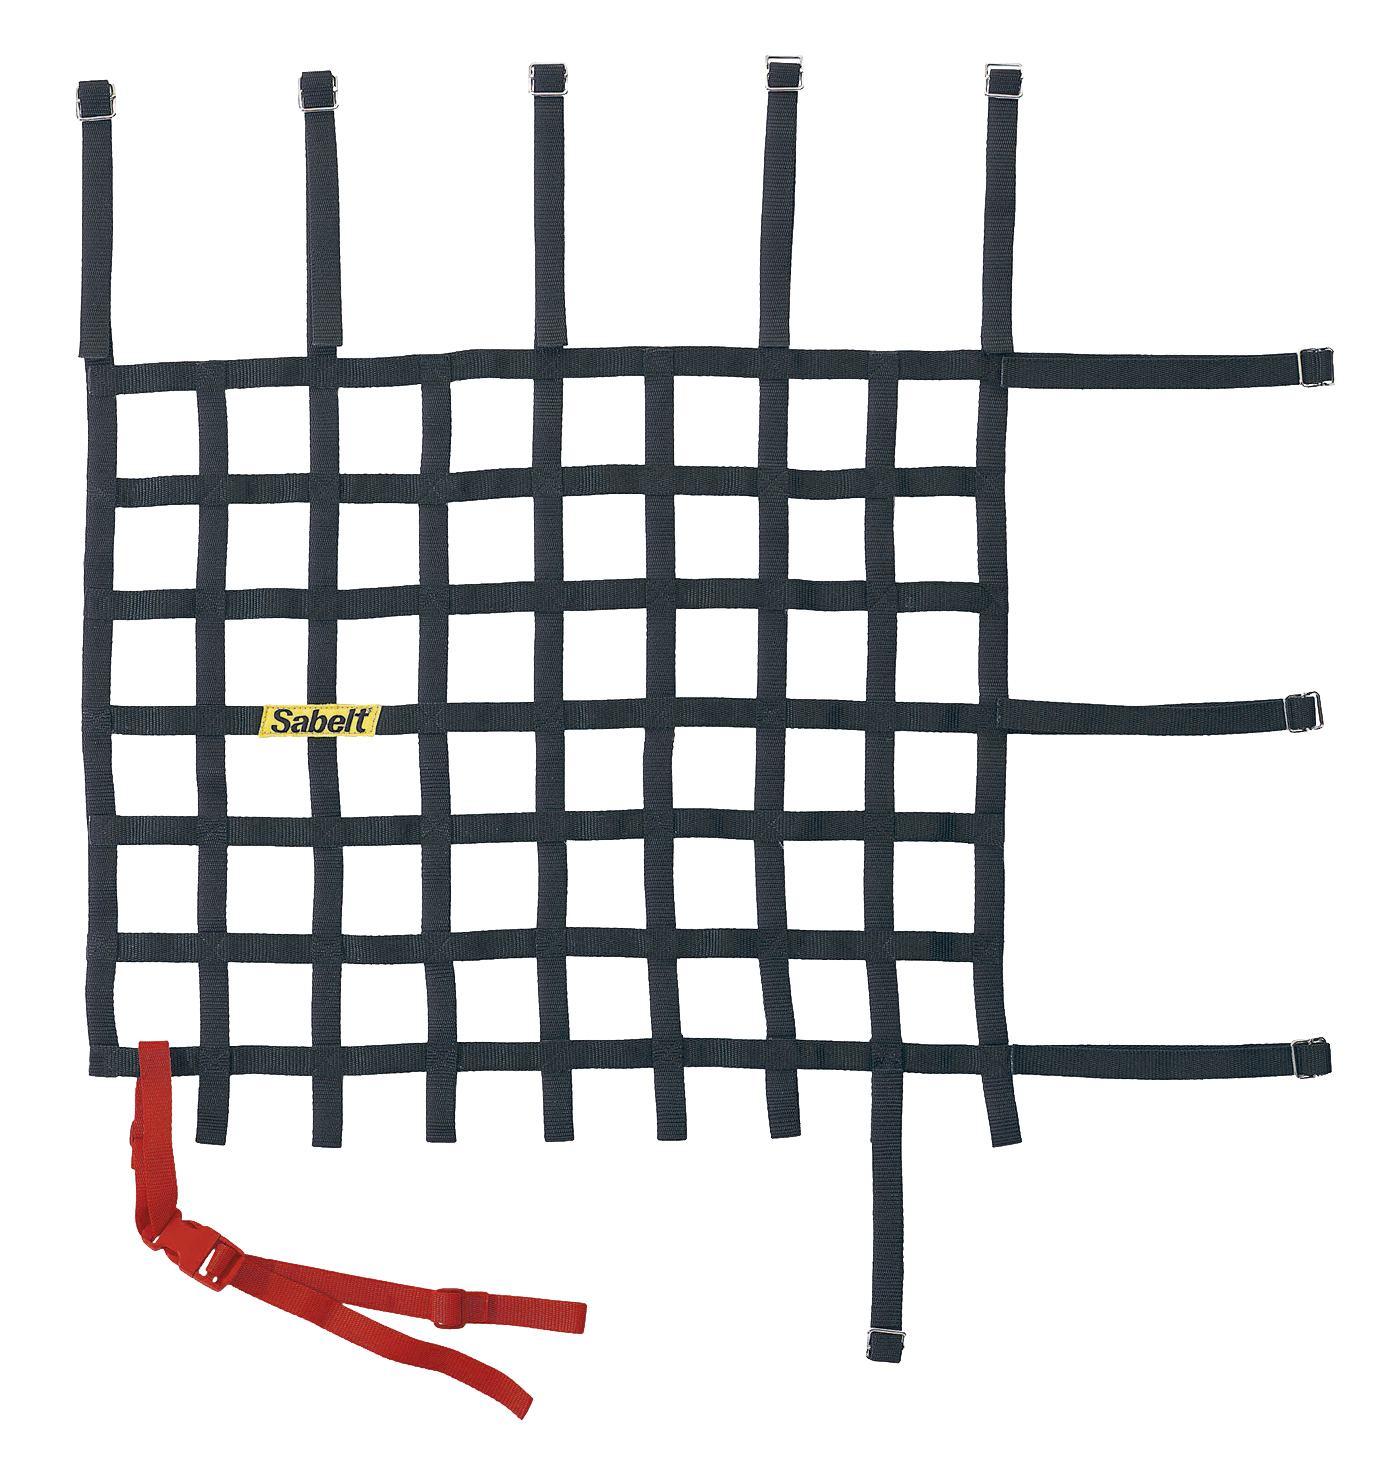 Sabelt Türfangnetz (503753)